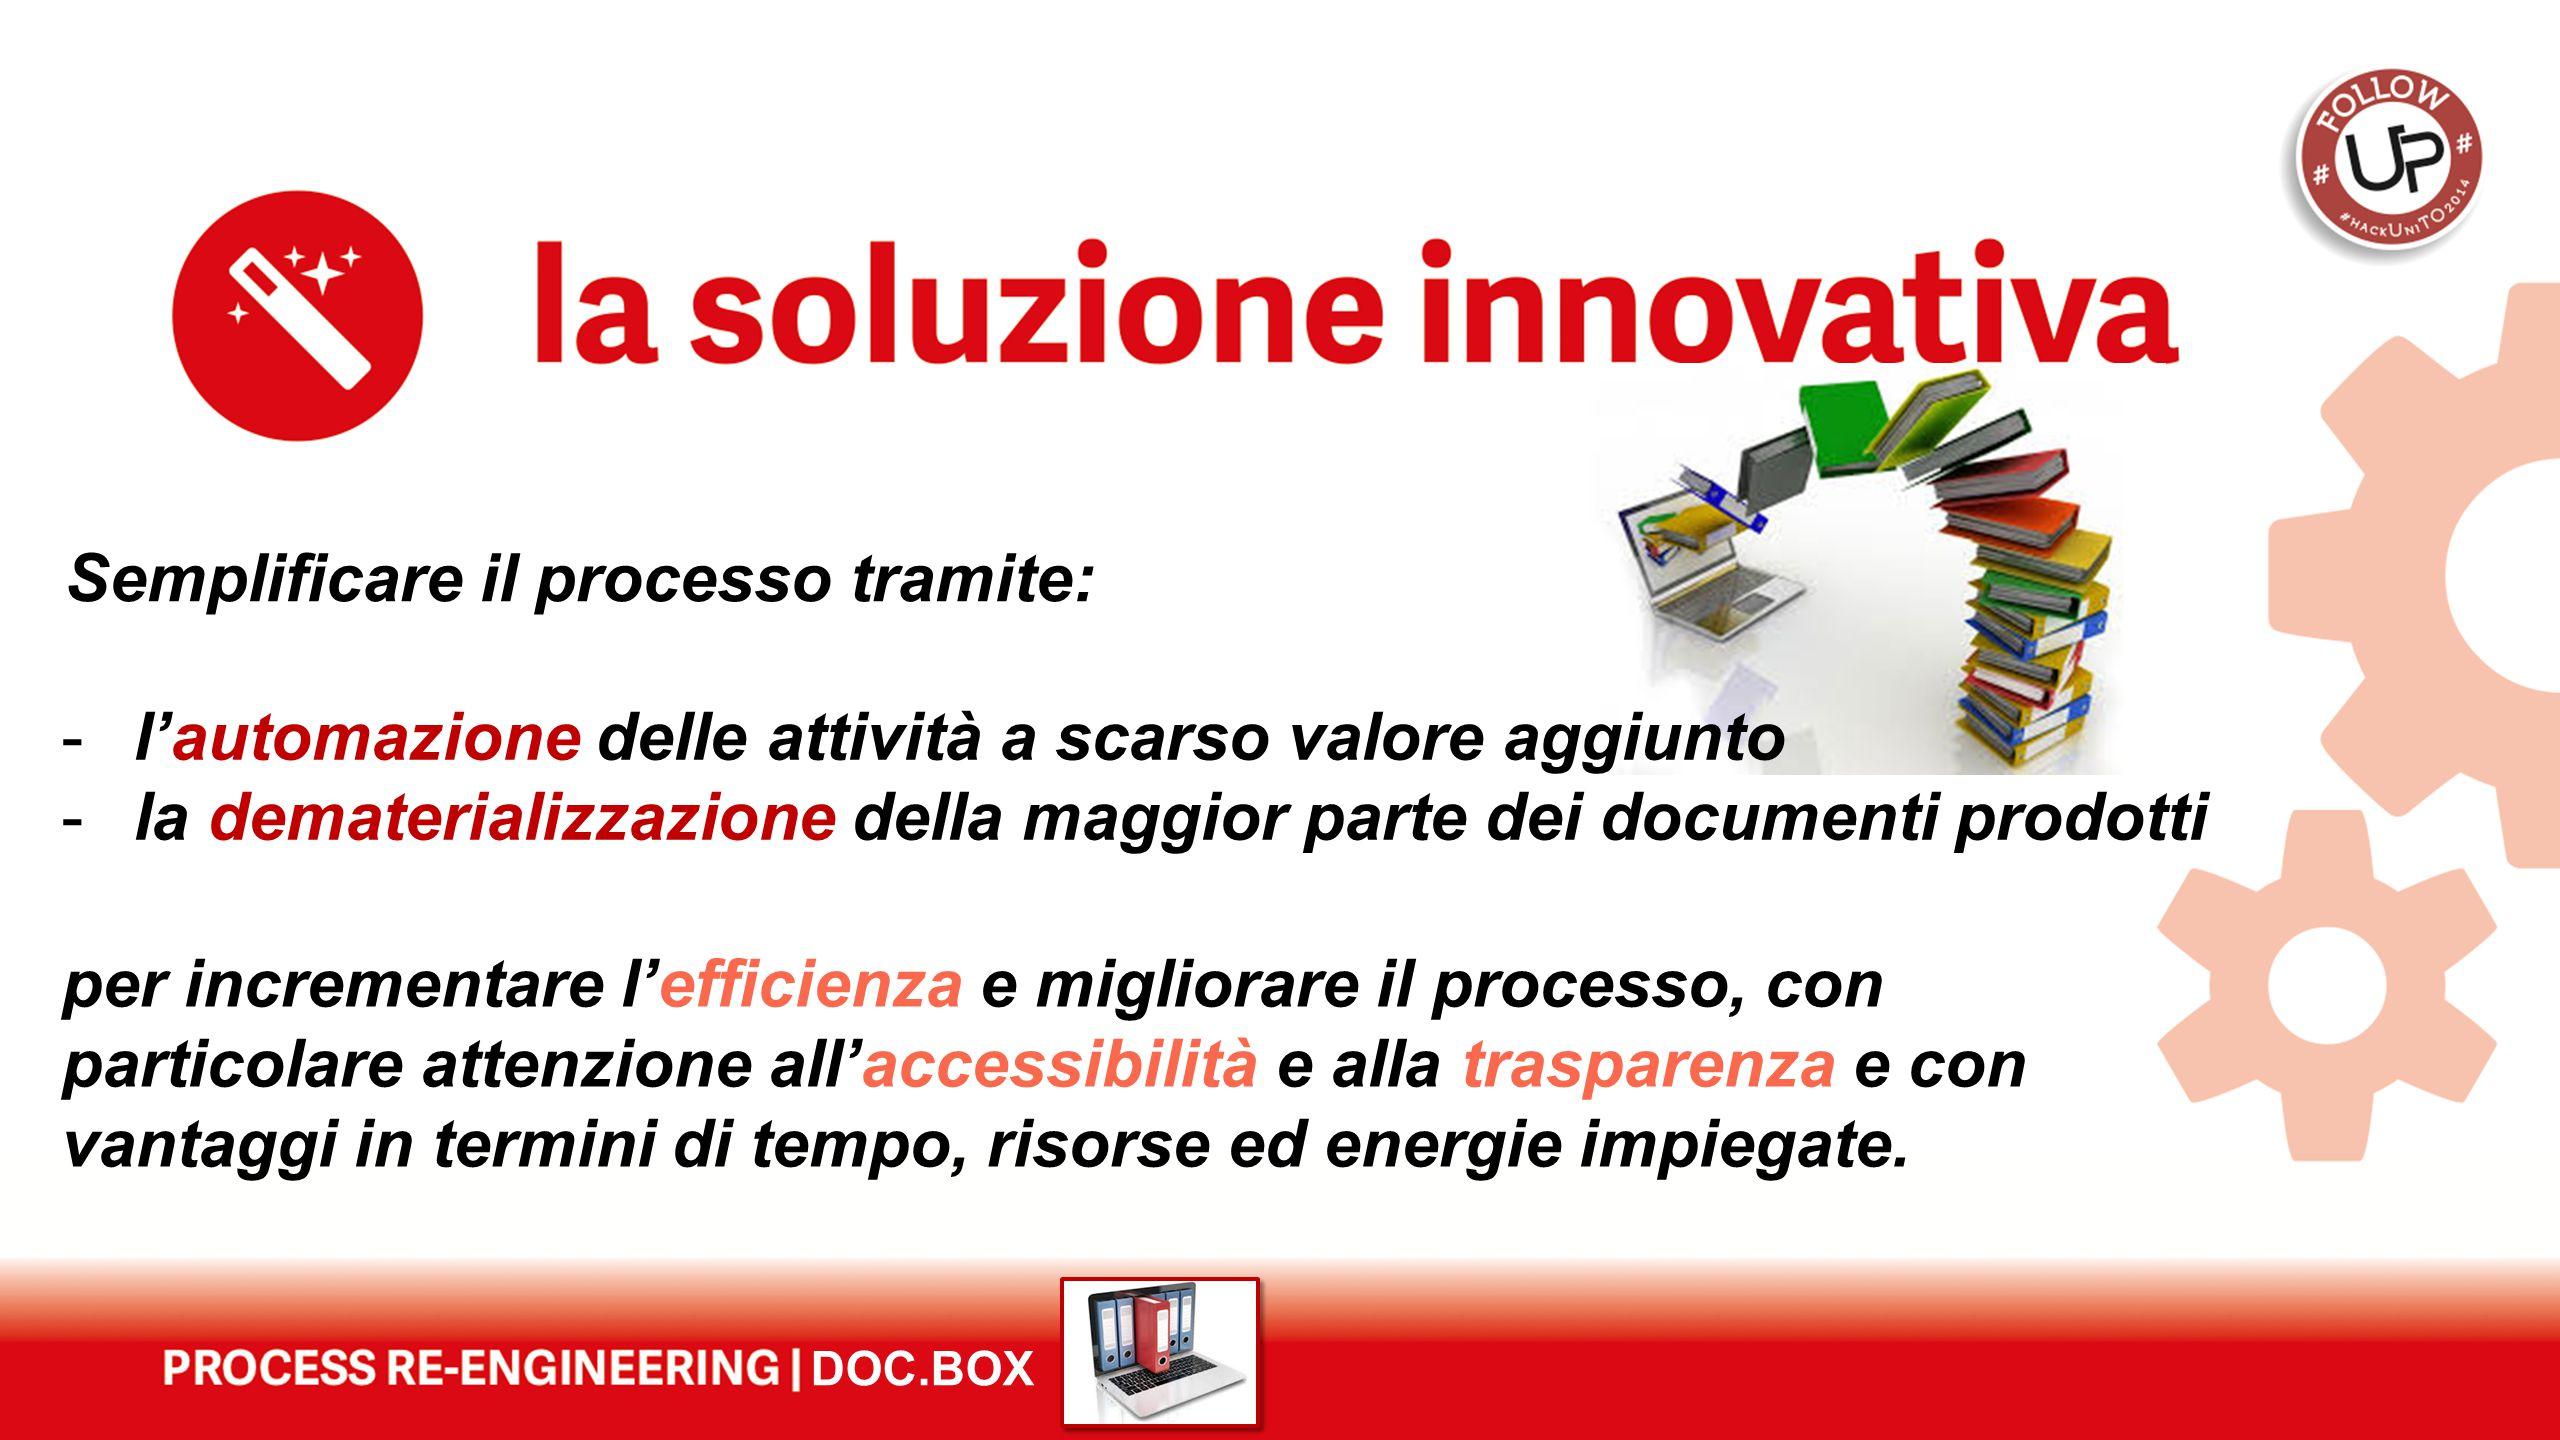 DOC.BOX Semplificare il processo tramite: per incrementare l'efficienza e migliorare il processo, con particolare attenzione all'accessibilità e alla